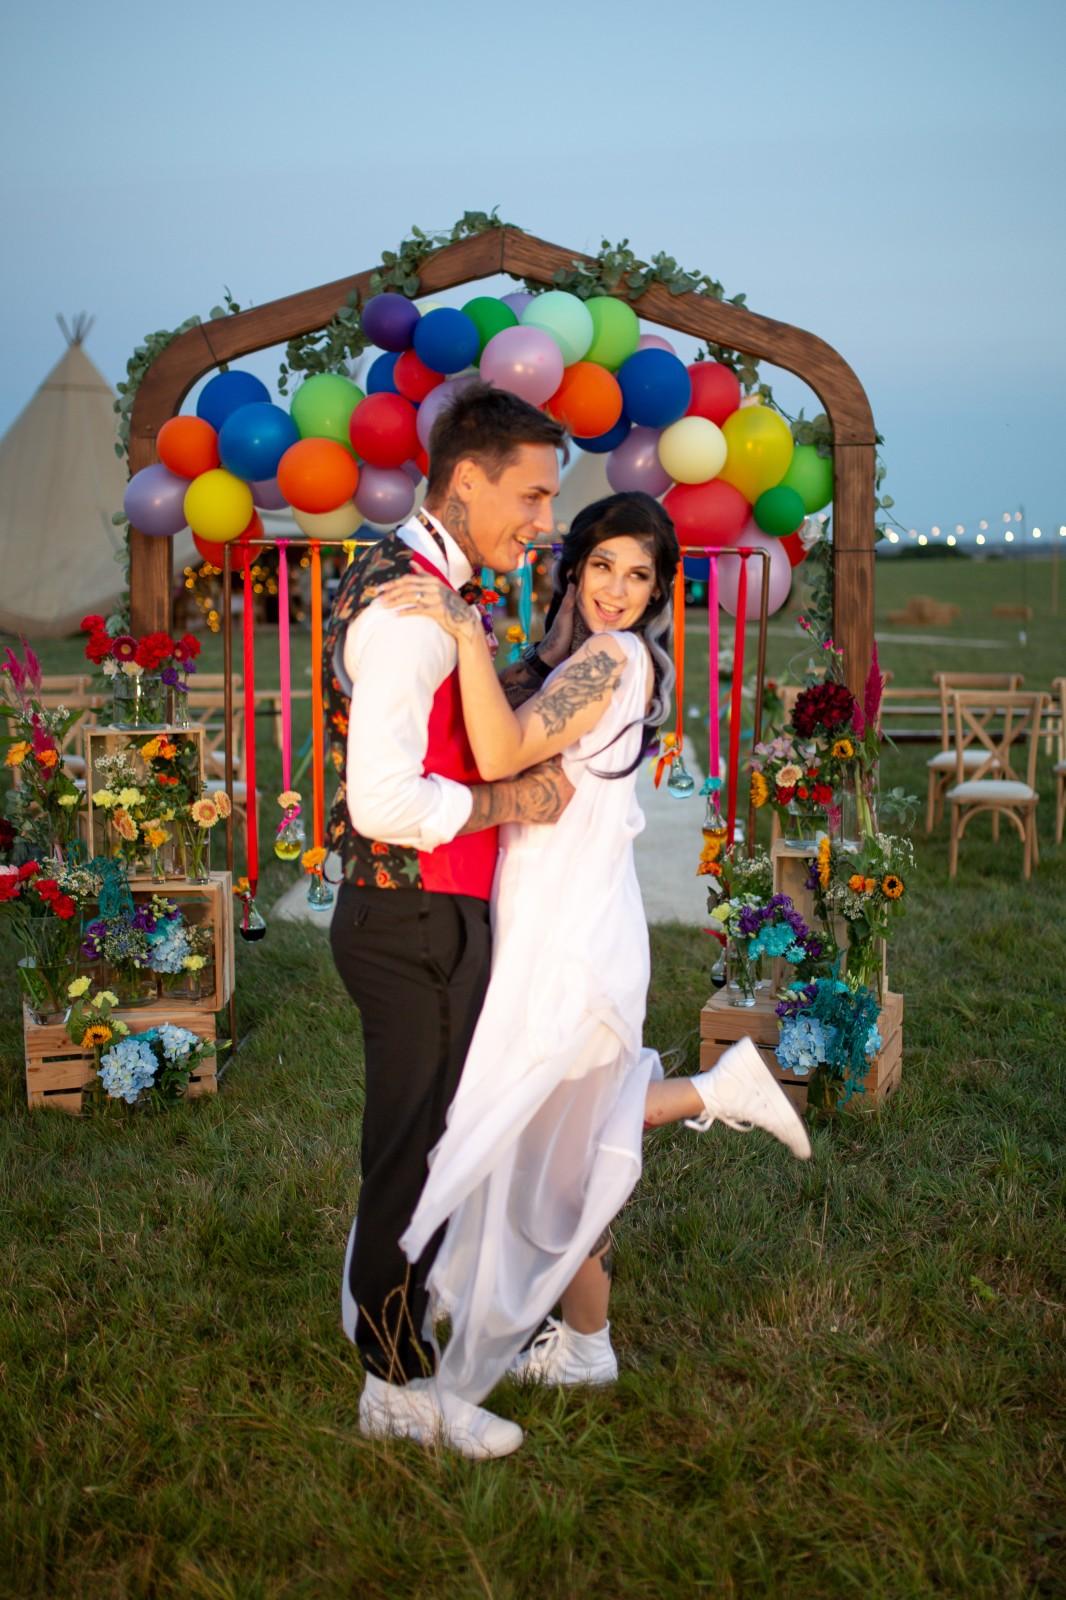 rainbow festival wedding - colourful wedding - quirky wedding ideas - colourful wedding ceremony - rainbow wedding arch